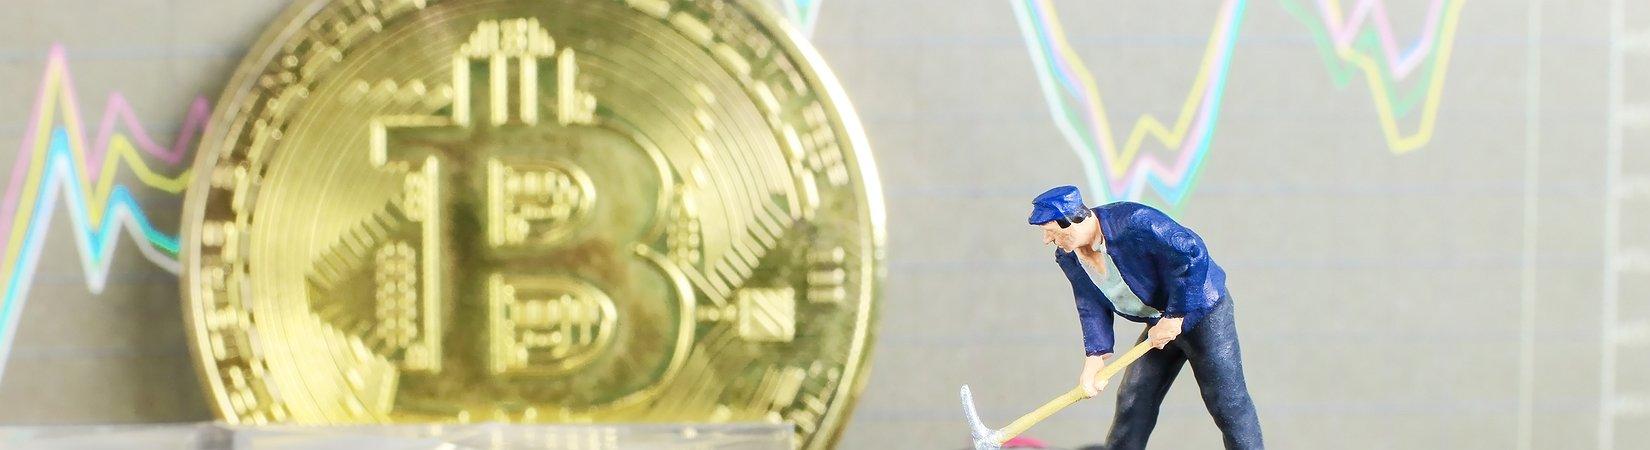 Impatto ambientale: bitcoin vs monete fiat e oro